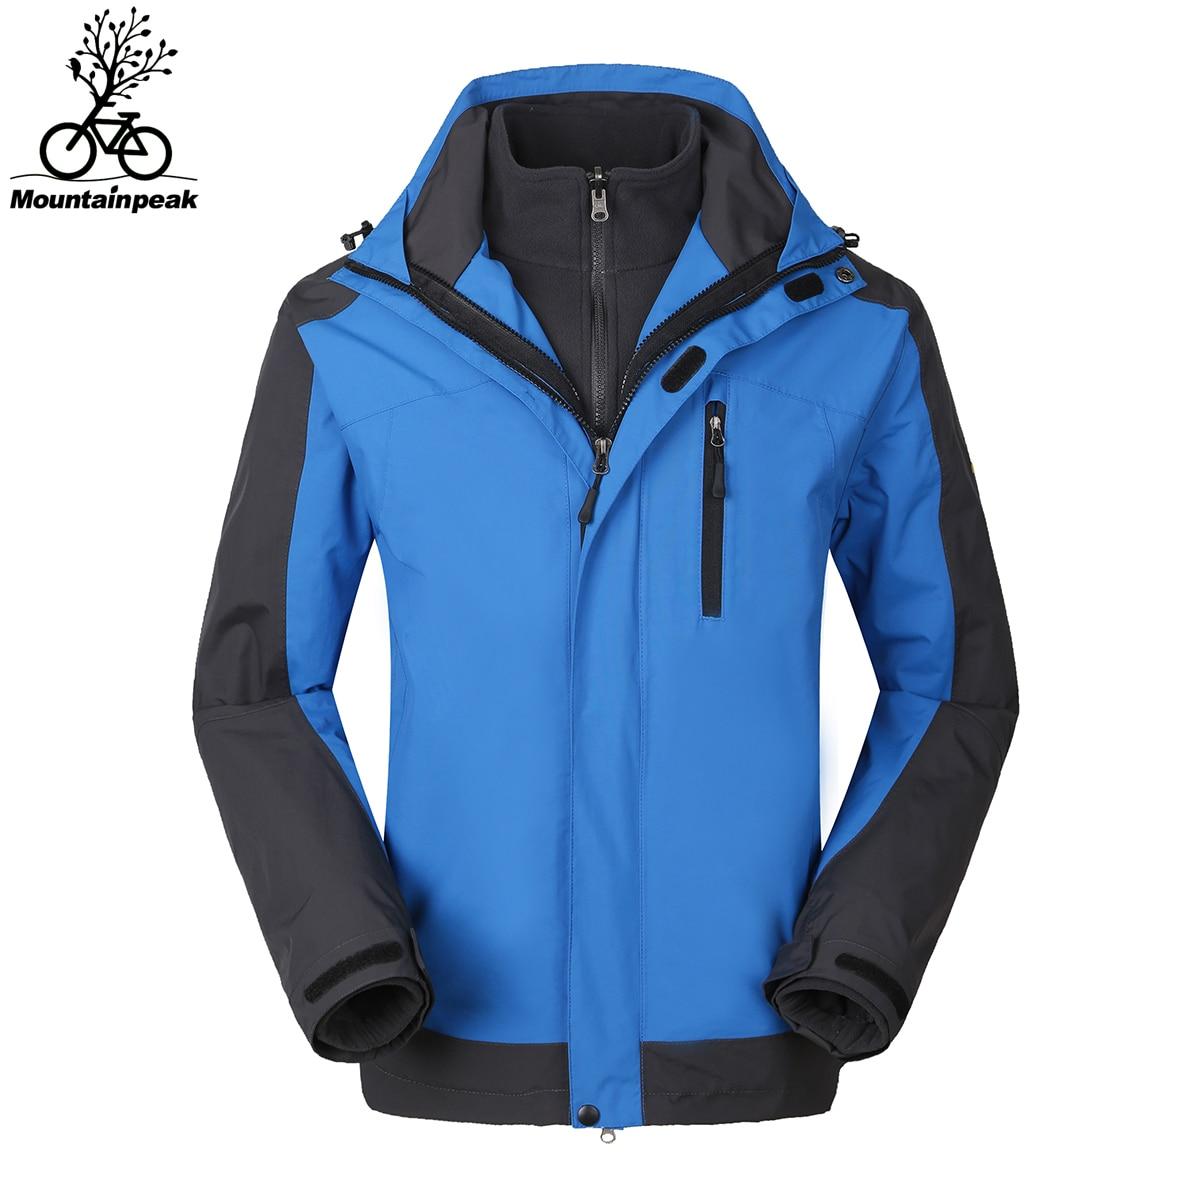 Mountainpeak куртка для езды открытый Пеший Туризм куртки Водонепроницаемый Vélo теплое пальто куртка горная куртка Для мужчин Pizex Спортивная